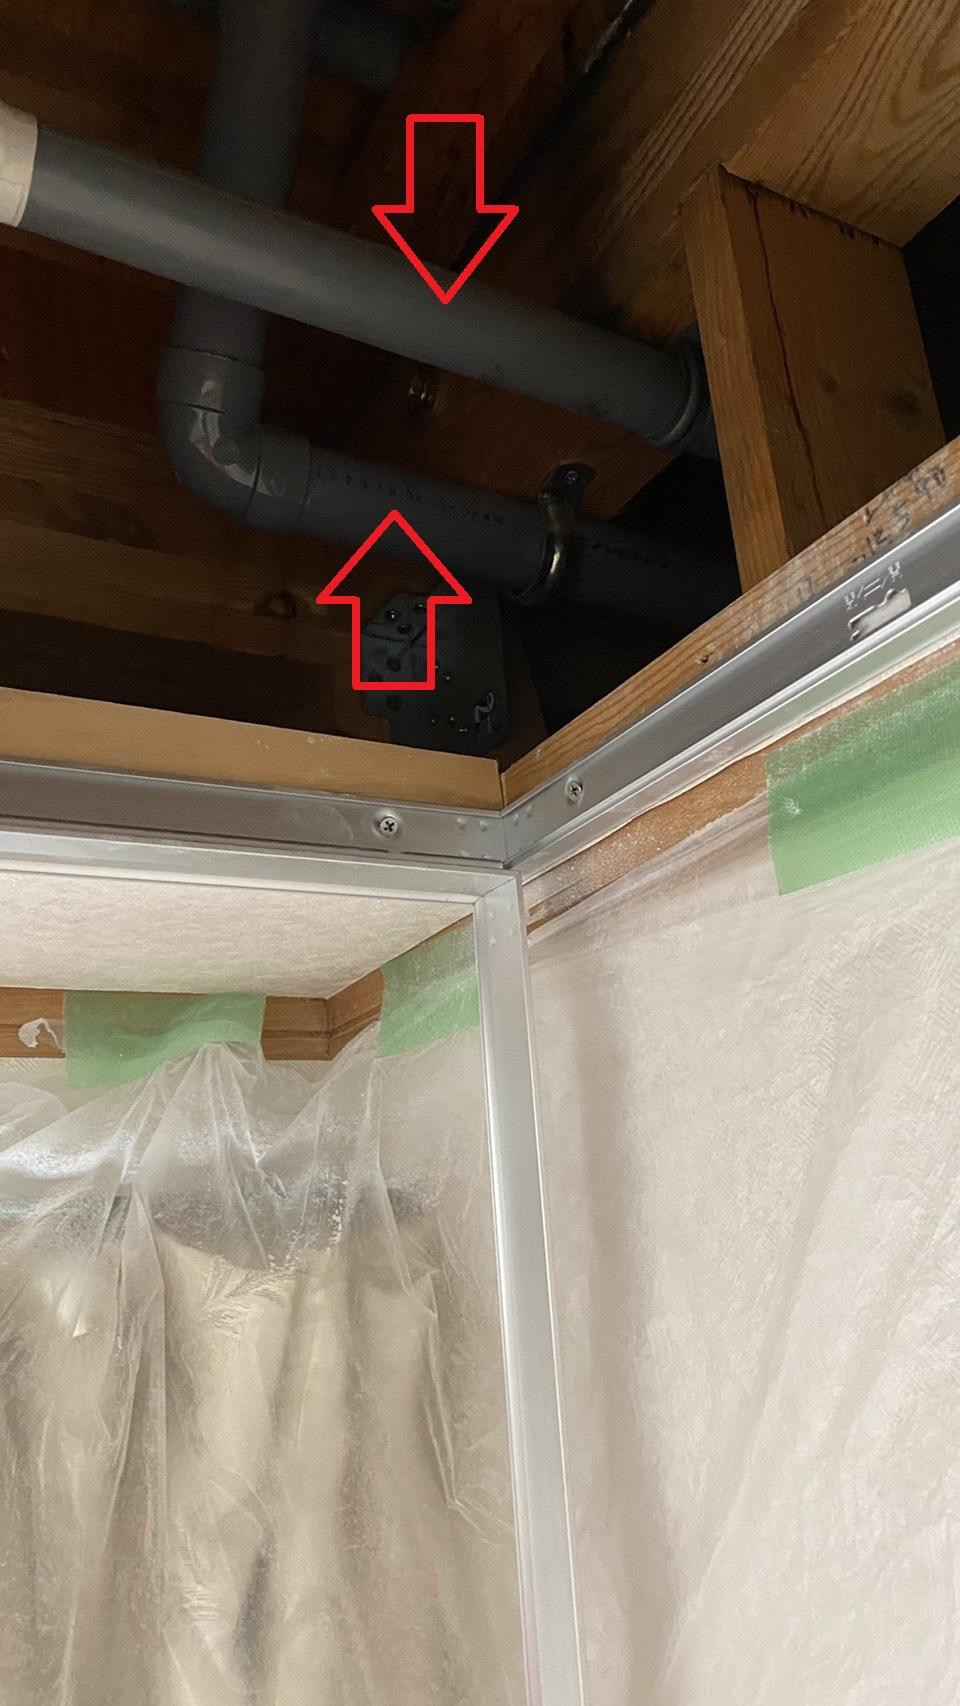 雨漏りの原因となった天井裏の排水管